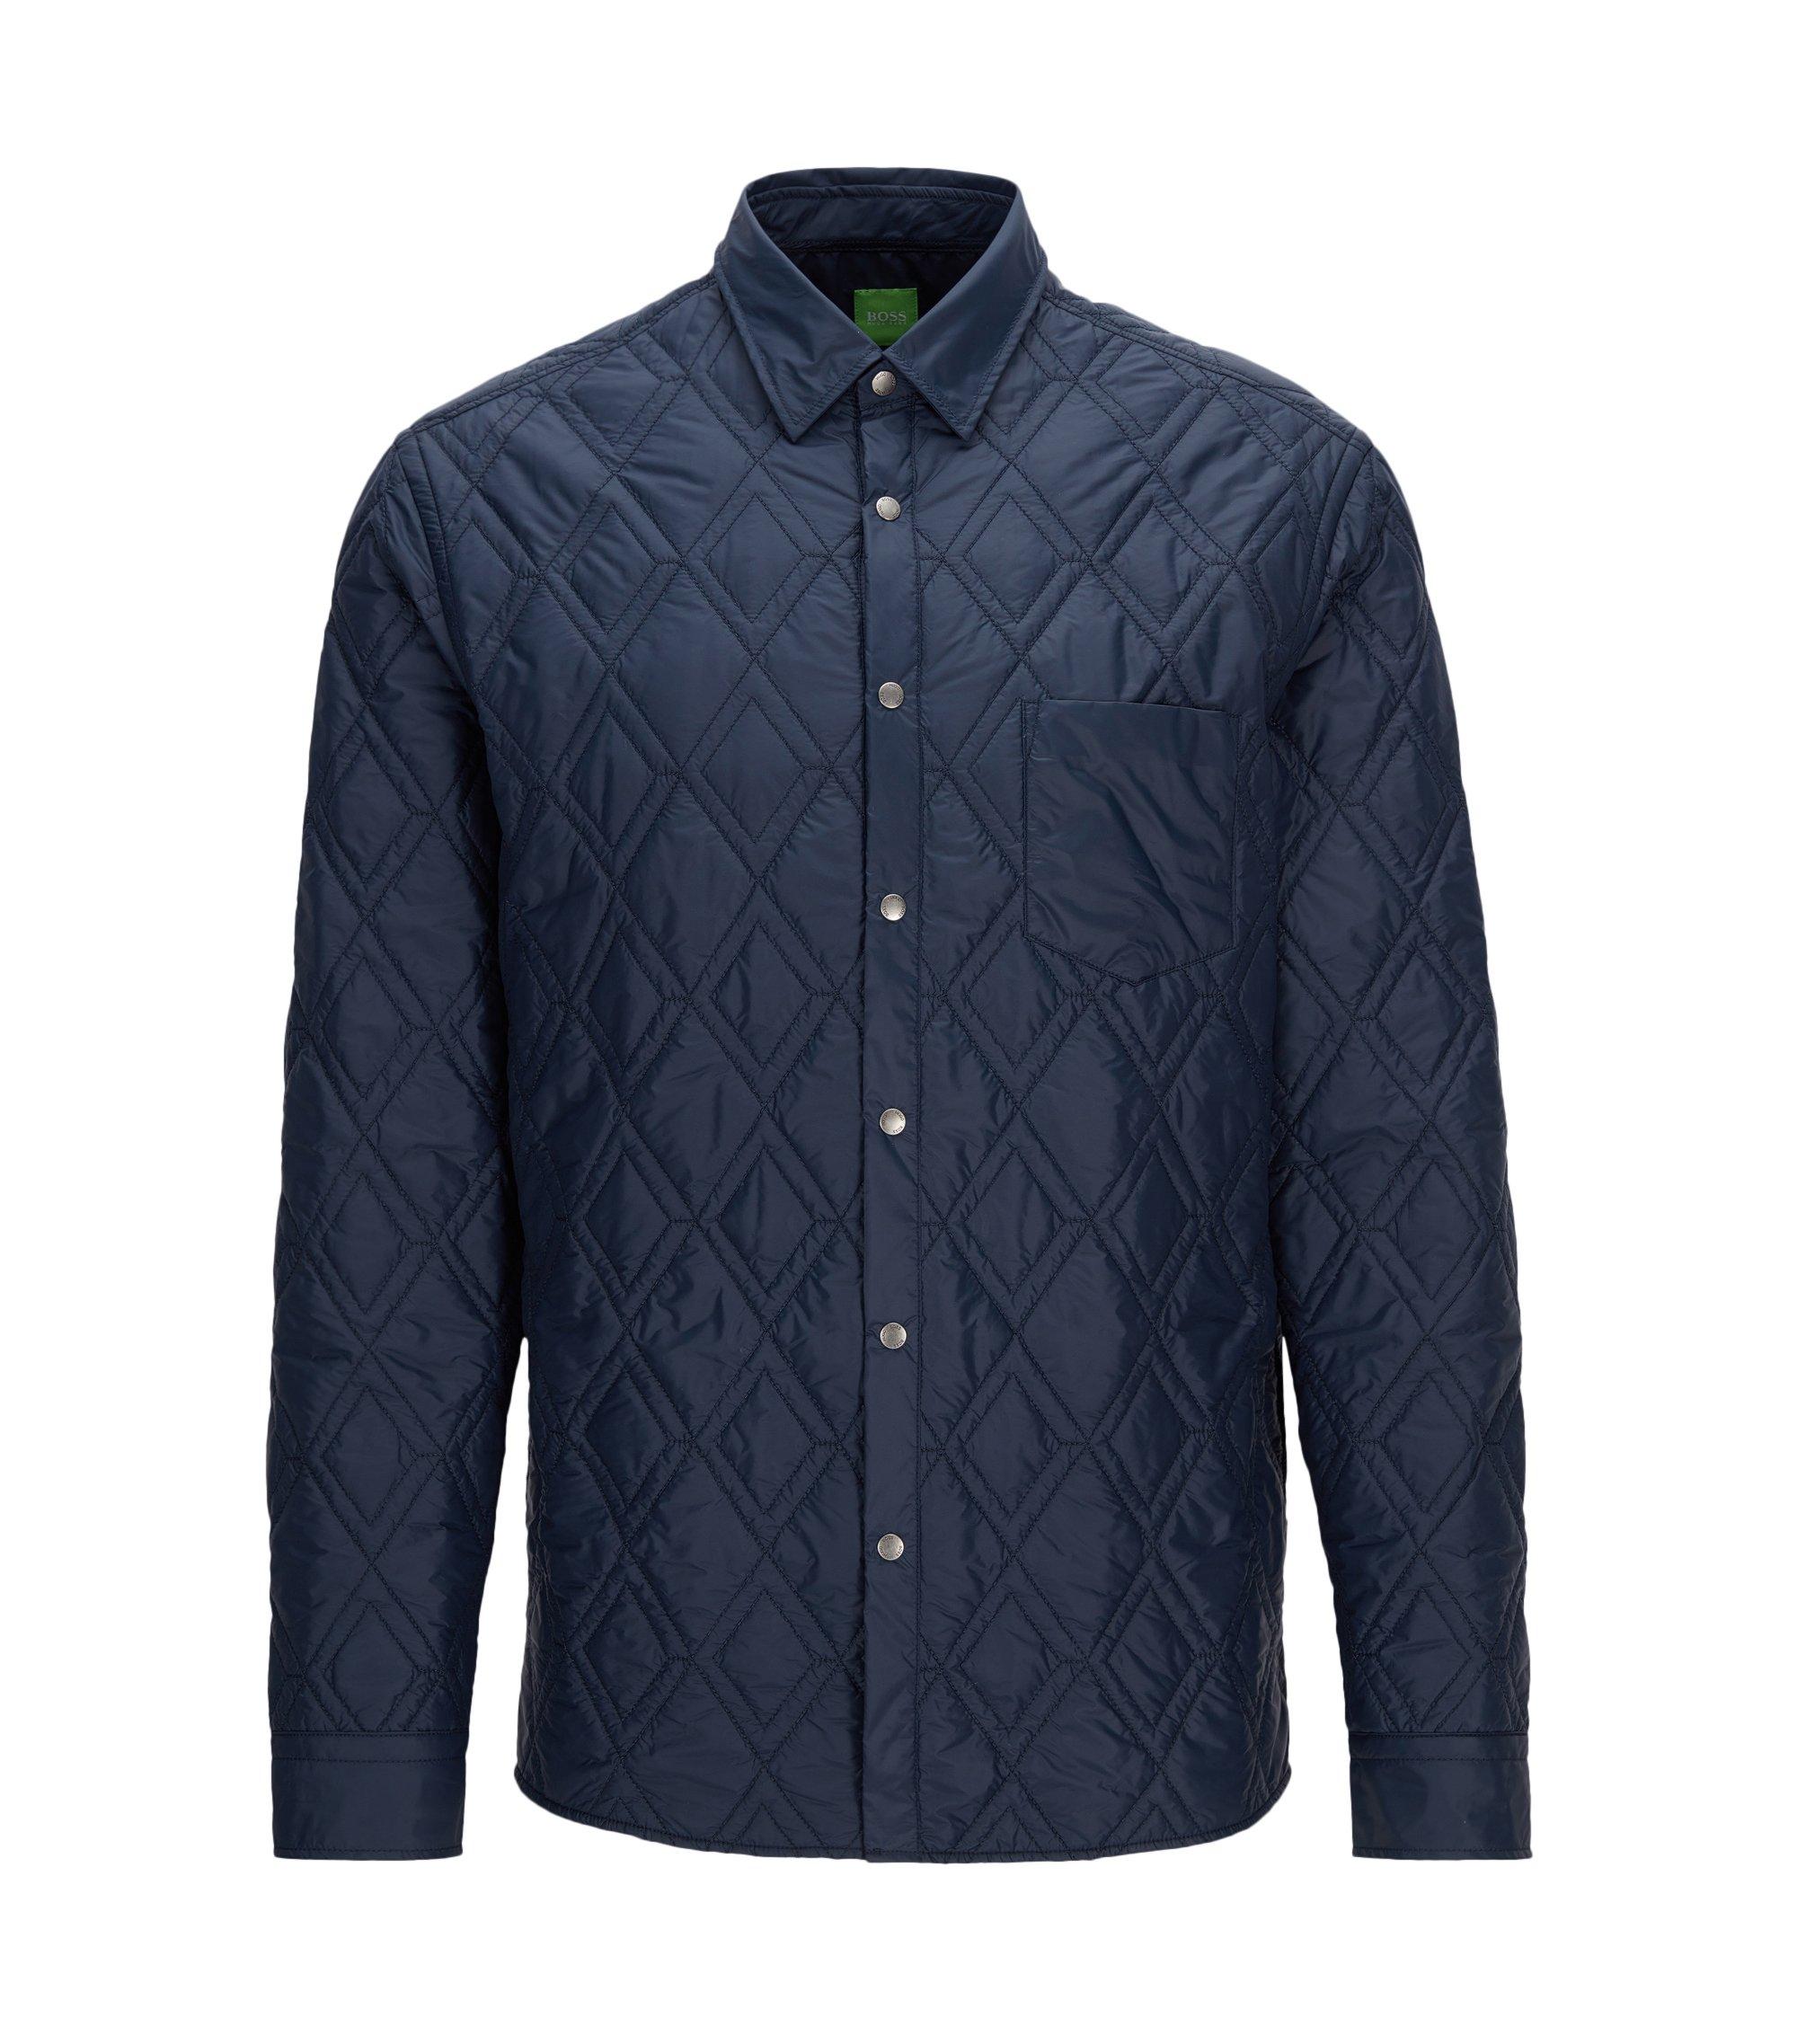 Veste Relaxed Fit imperméable matelassée style chemise, Bleu foncé